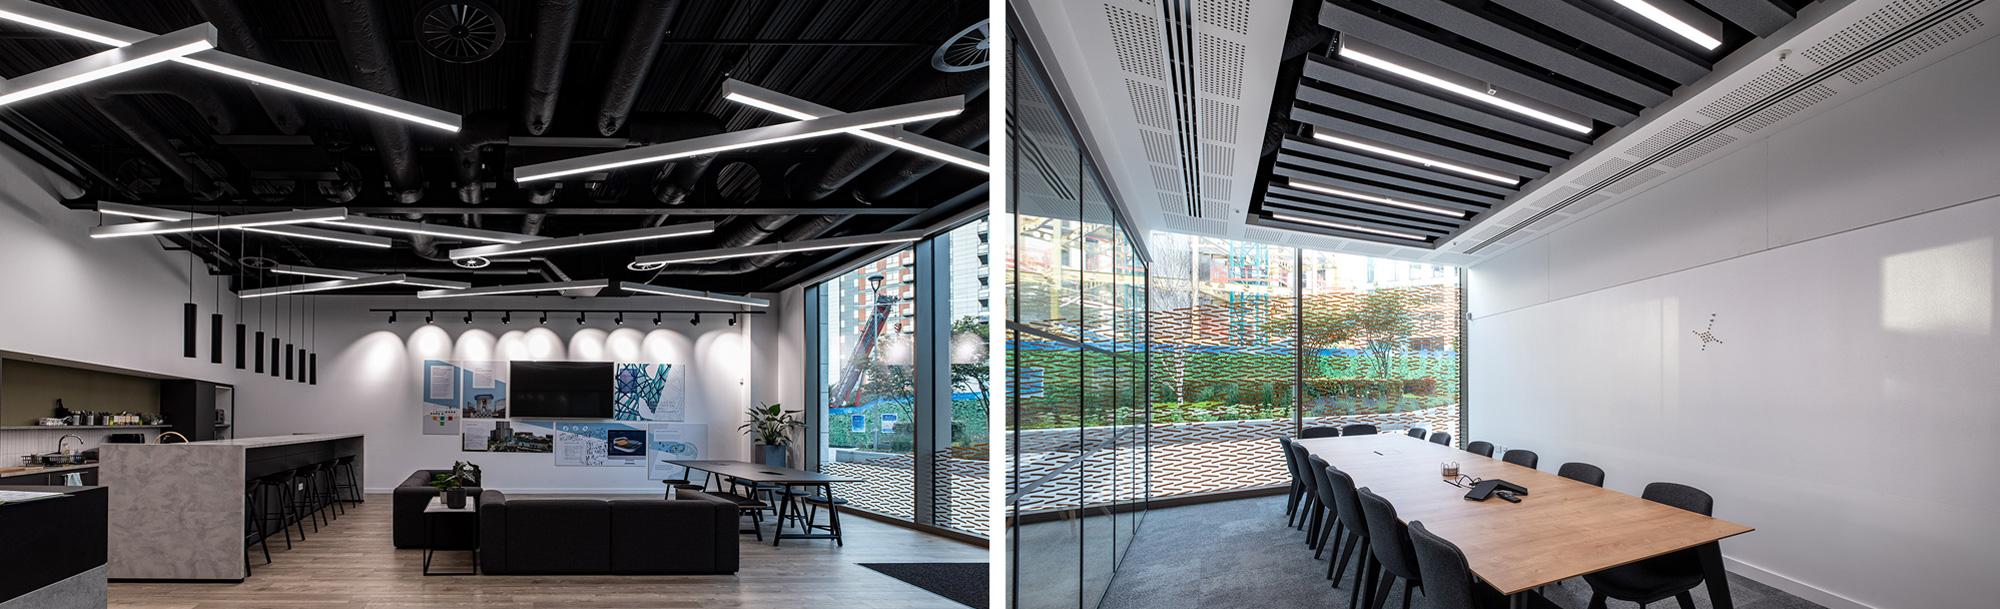 osvetlenie kancelárskych priestorov a pracovísk